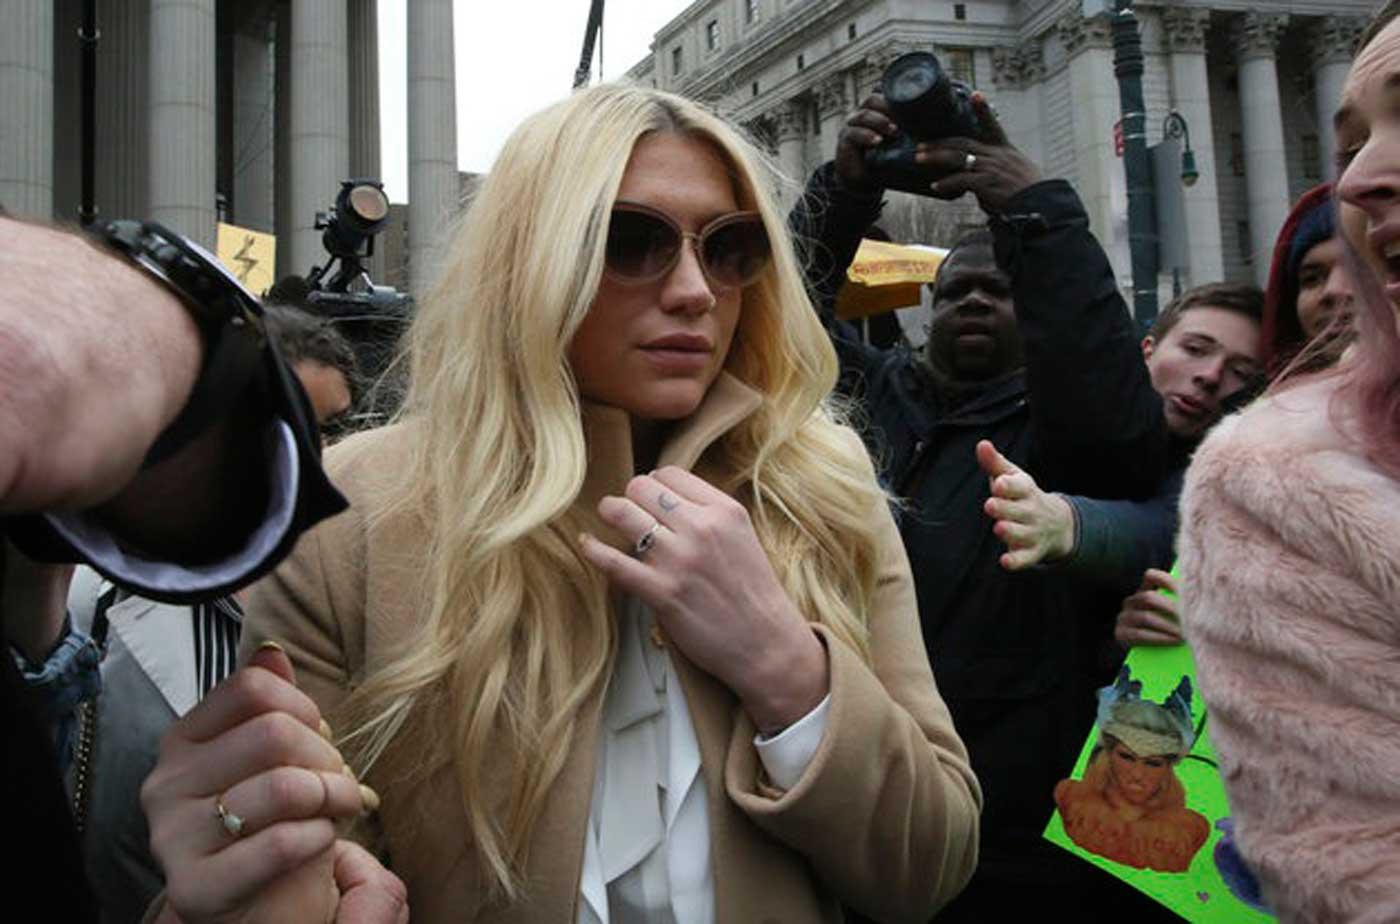 El juicio de Kesha sacude la industria musical